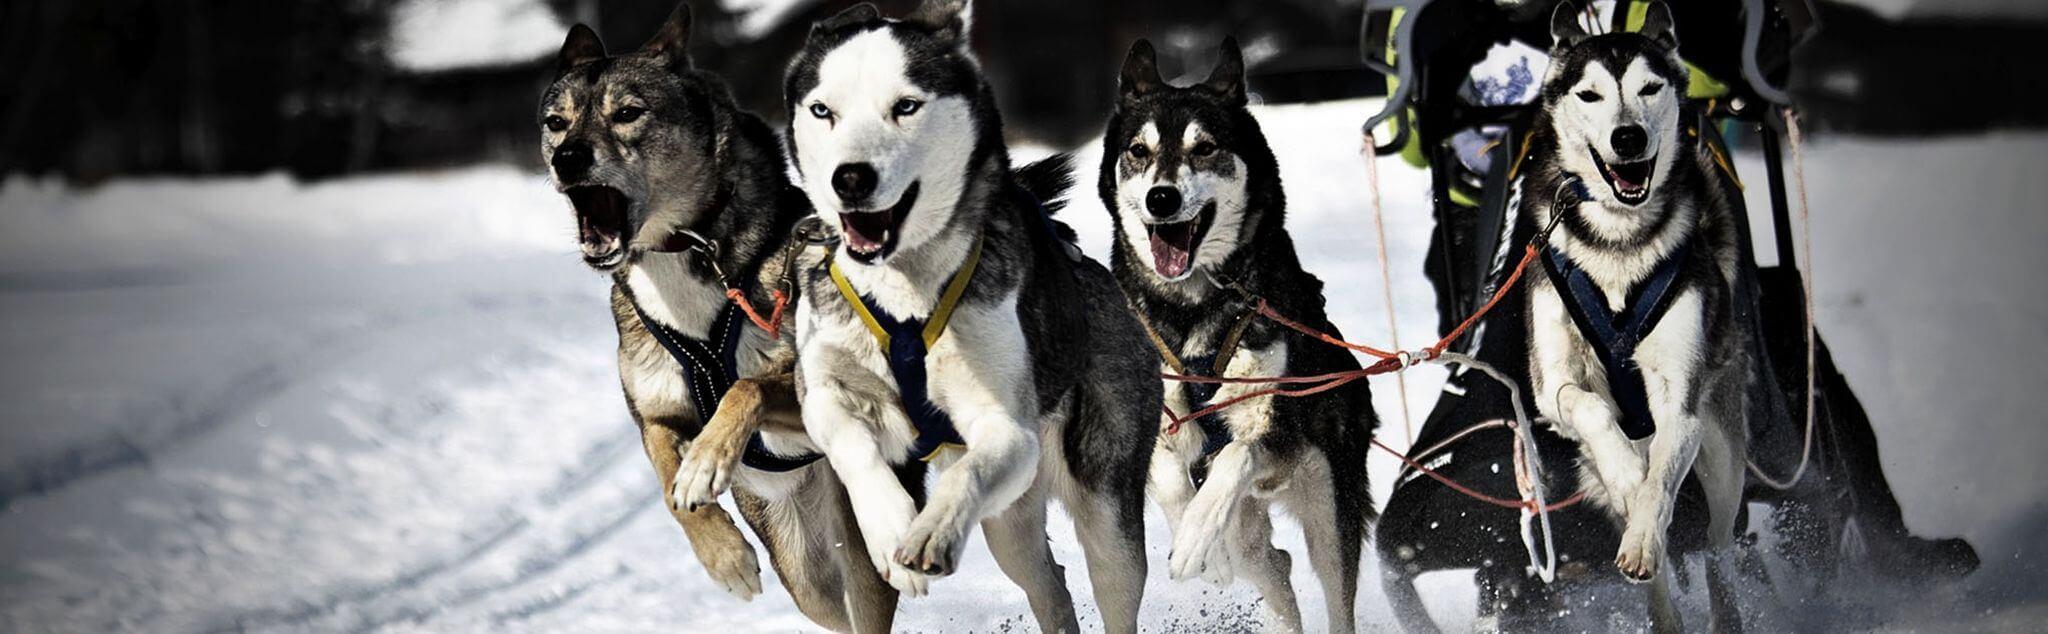 Dog Sledding in Ordino